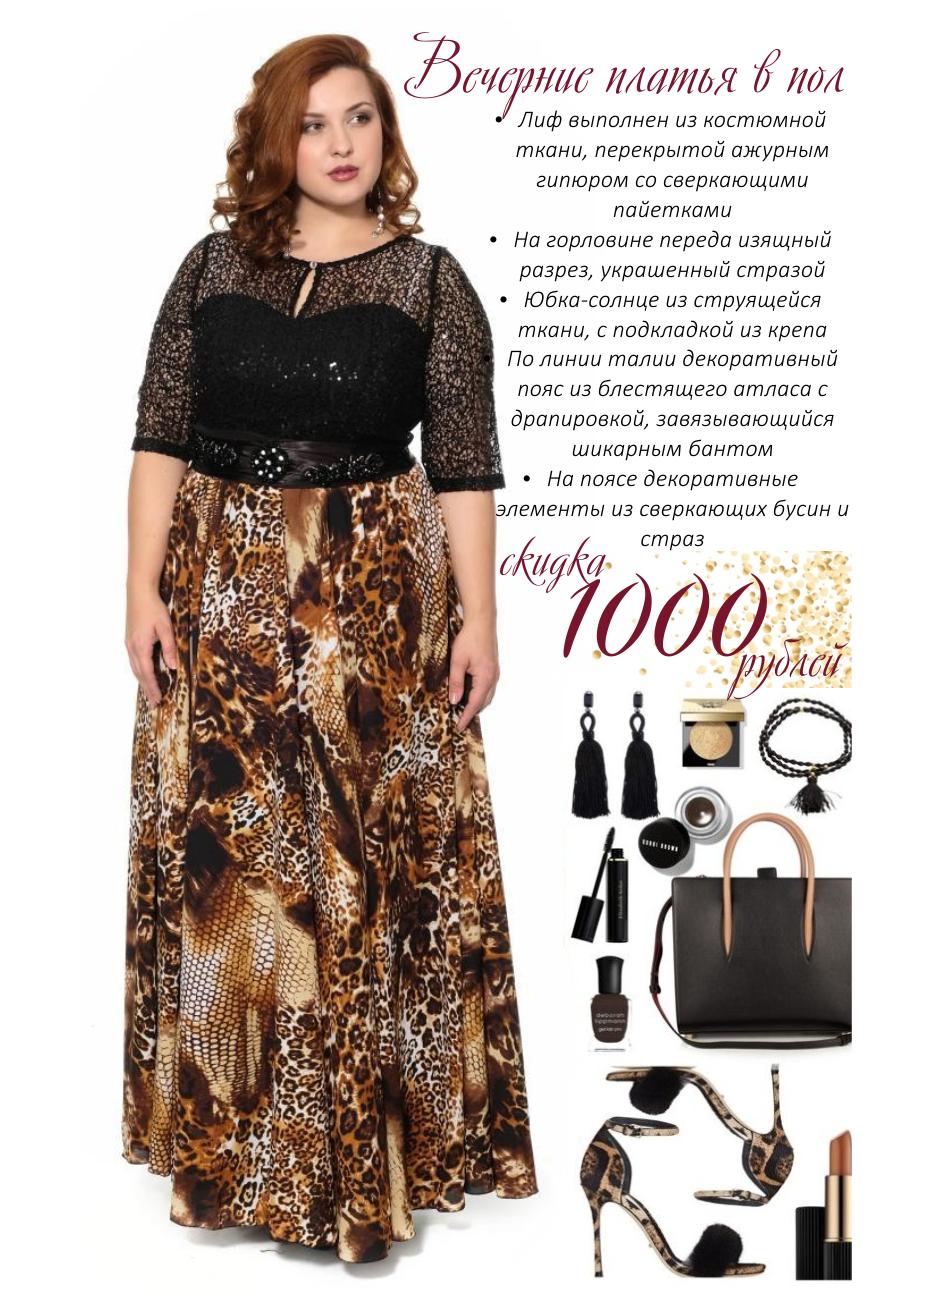 Роскошные платья в пол - минус 1000 рублей на ключевые модели праздничного вечера